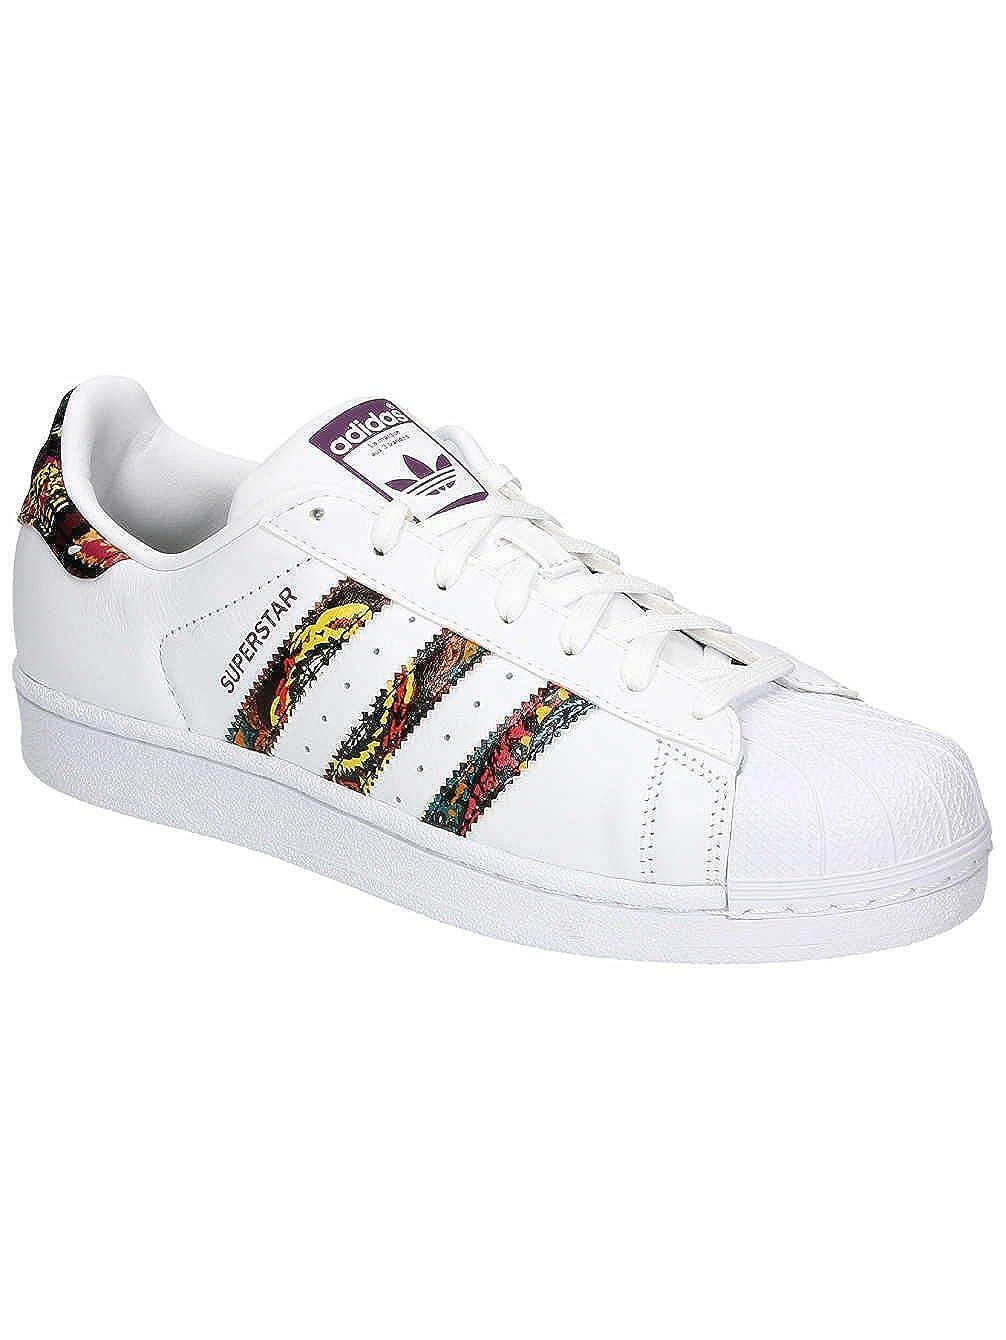 Adidas Originals äußerst ar II Unisex-Erwachsene Turnschuhe